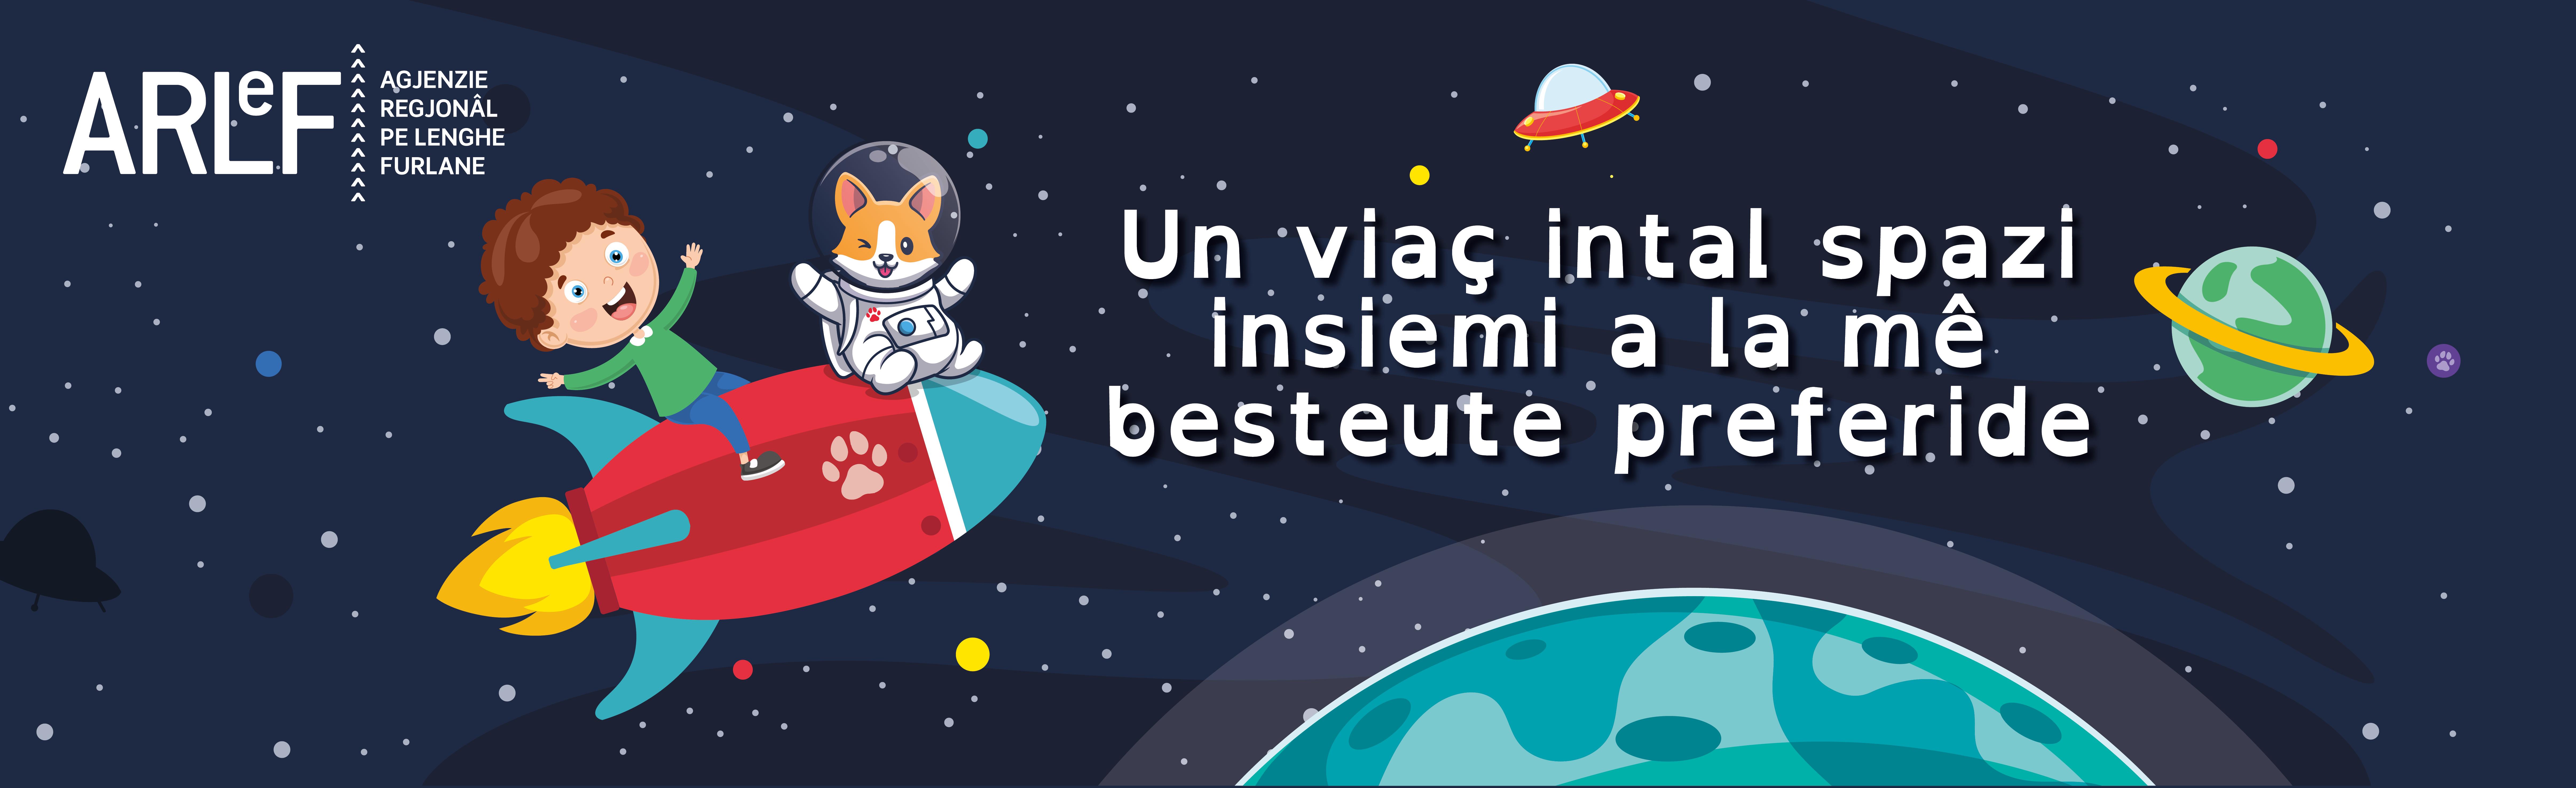 ARLEF_Banner_Viaggio nello spazio 2020 817x250_2